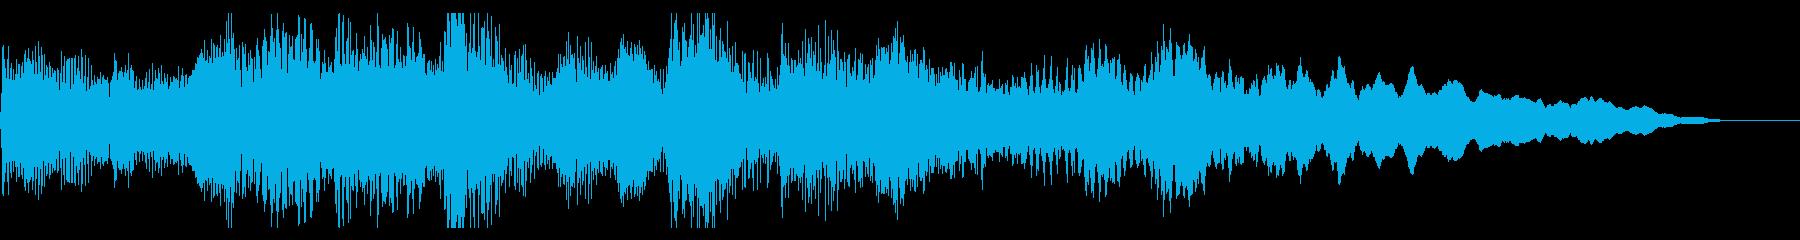 日本的なしっとりしたピアノジングルの再生済みの波形